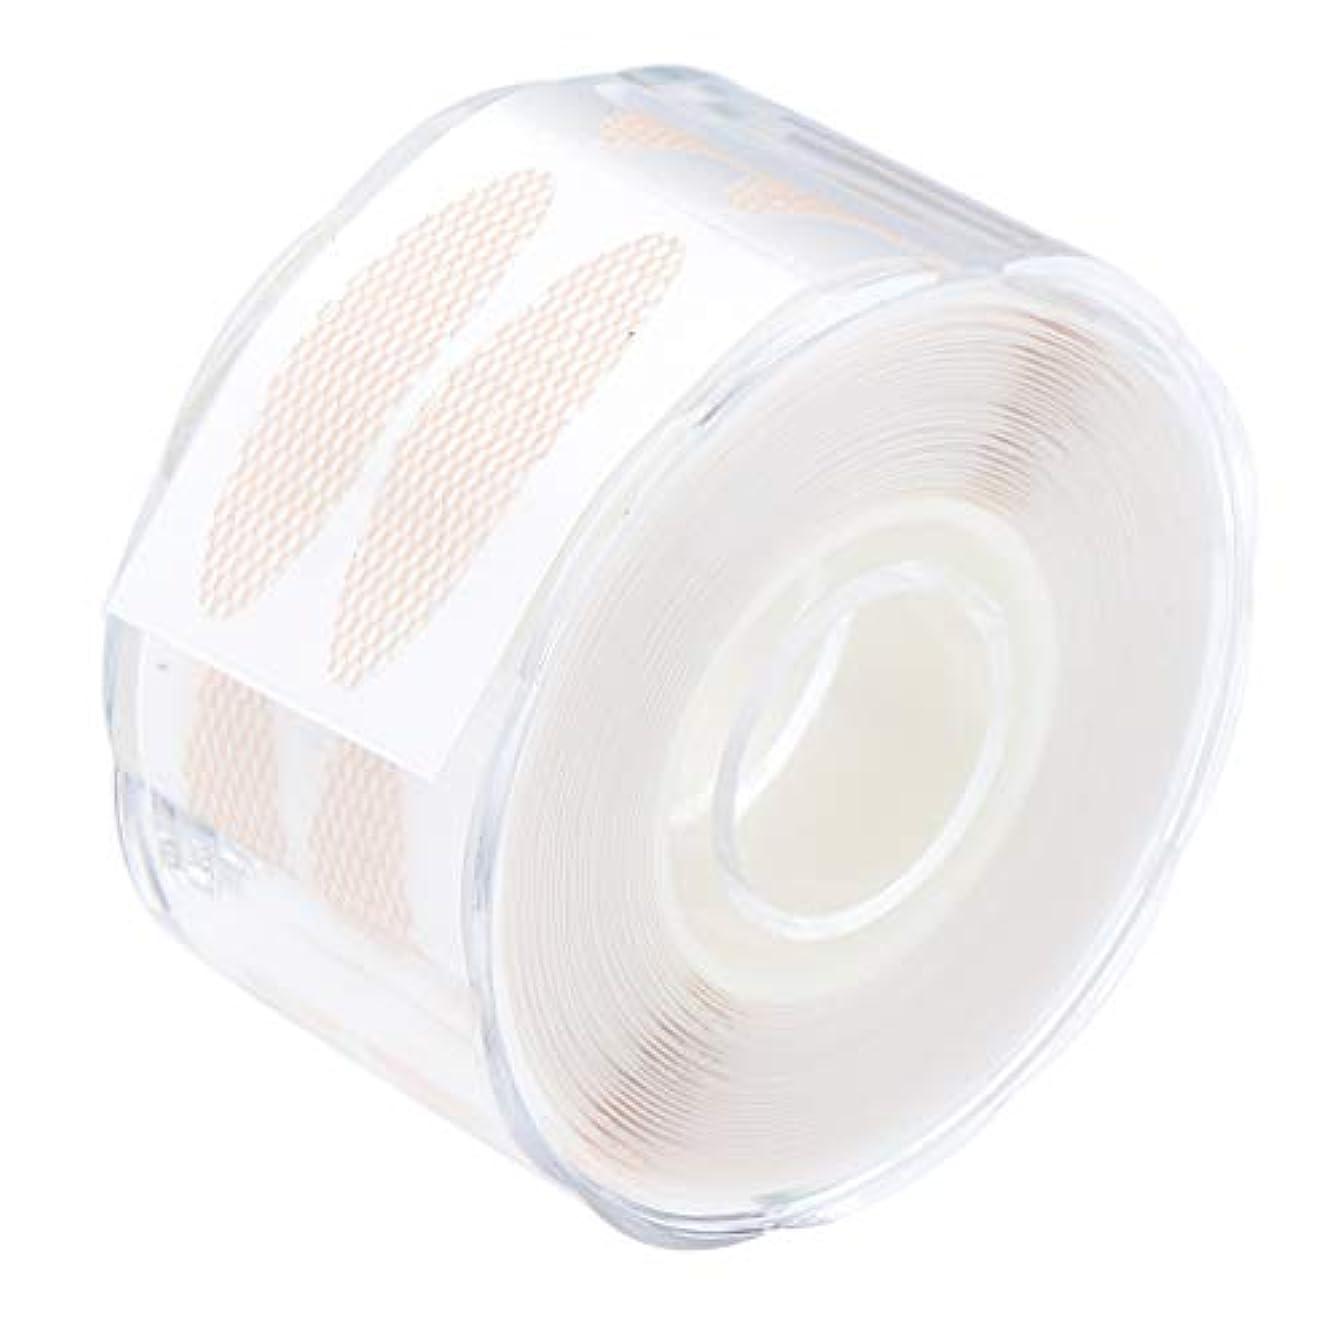 フォーカス四回柔和二重まぶたテープ 約220ペア 二重まぶた ナチュラル 3サイズ選べ - 2.5×1.2 cm